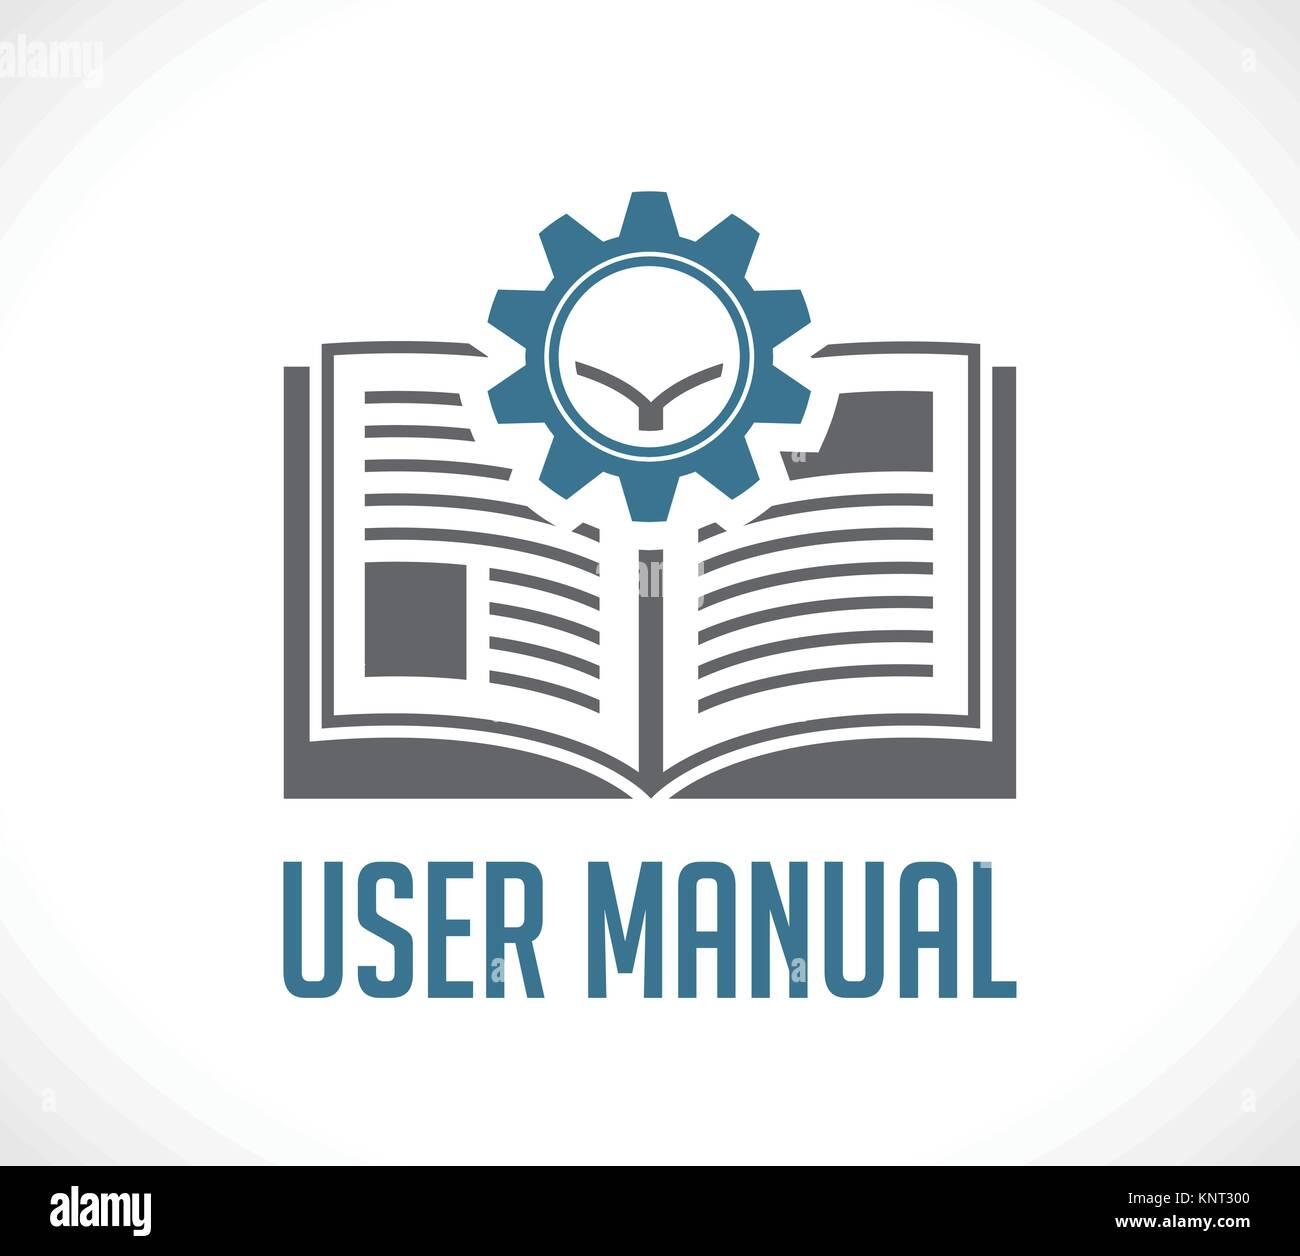 User Manual Stock Photos & User Manual Stock Images - Alamy